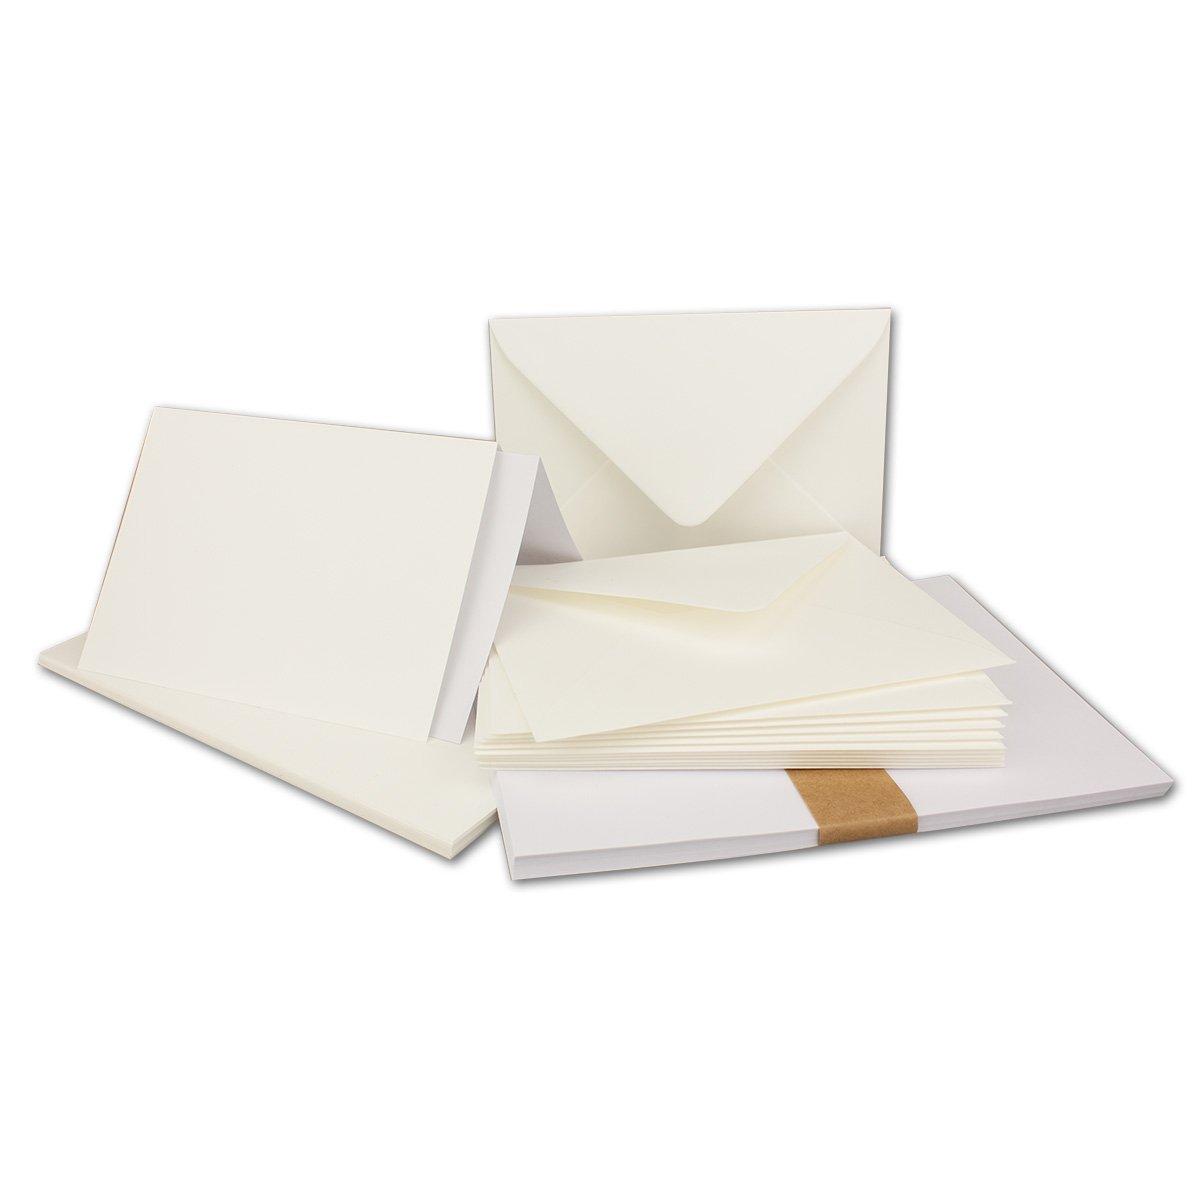 150 Sets - Faltkarten Hellgrau - DIN DIN DIN A5  Umschläge  Einlegeblätter DIN C5 - PREMIUM QUALITÄT - sehr formstabil - Qualitätsmarke  NEUSER FarbenFroh B07C2XC2K6 Kartenkartons Kunde zuerst f7751e